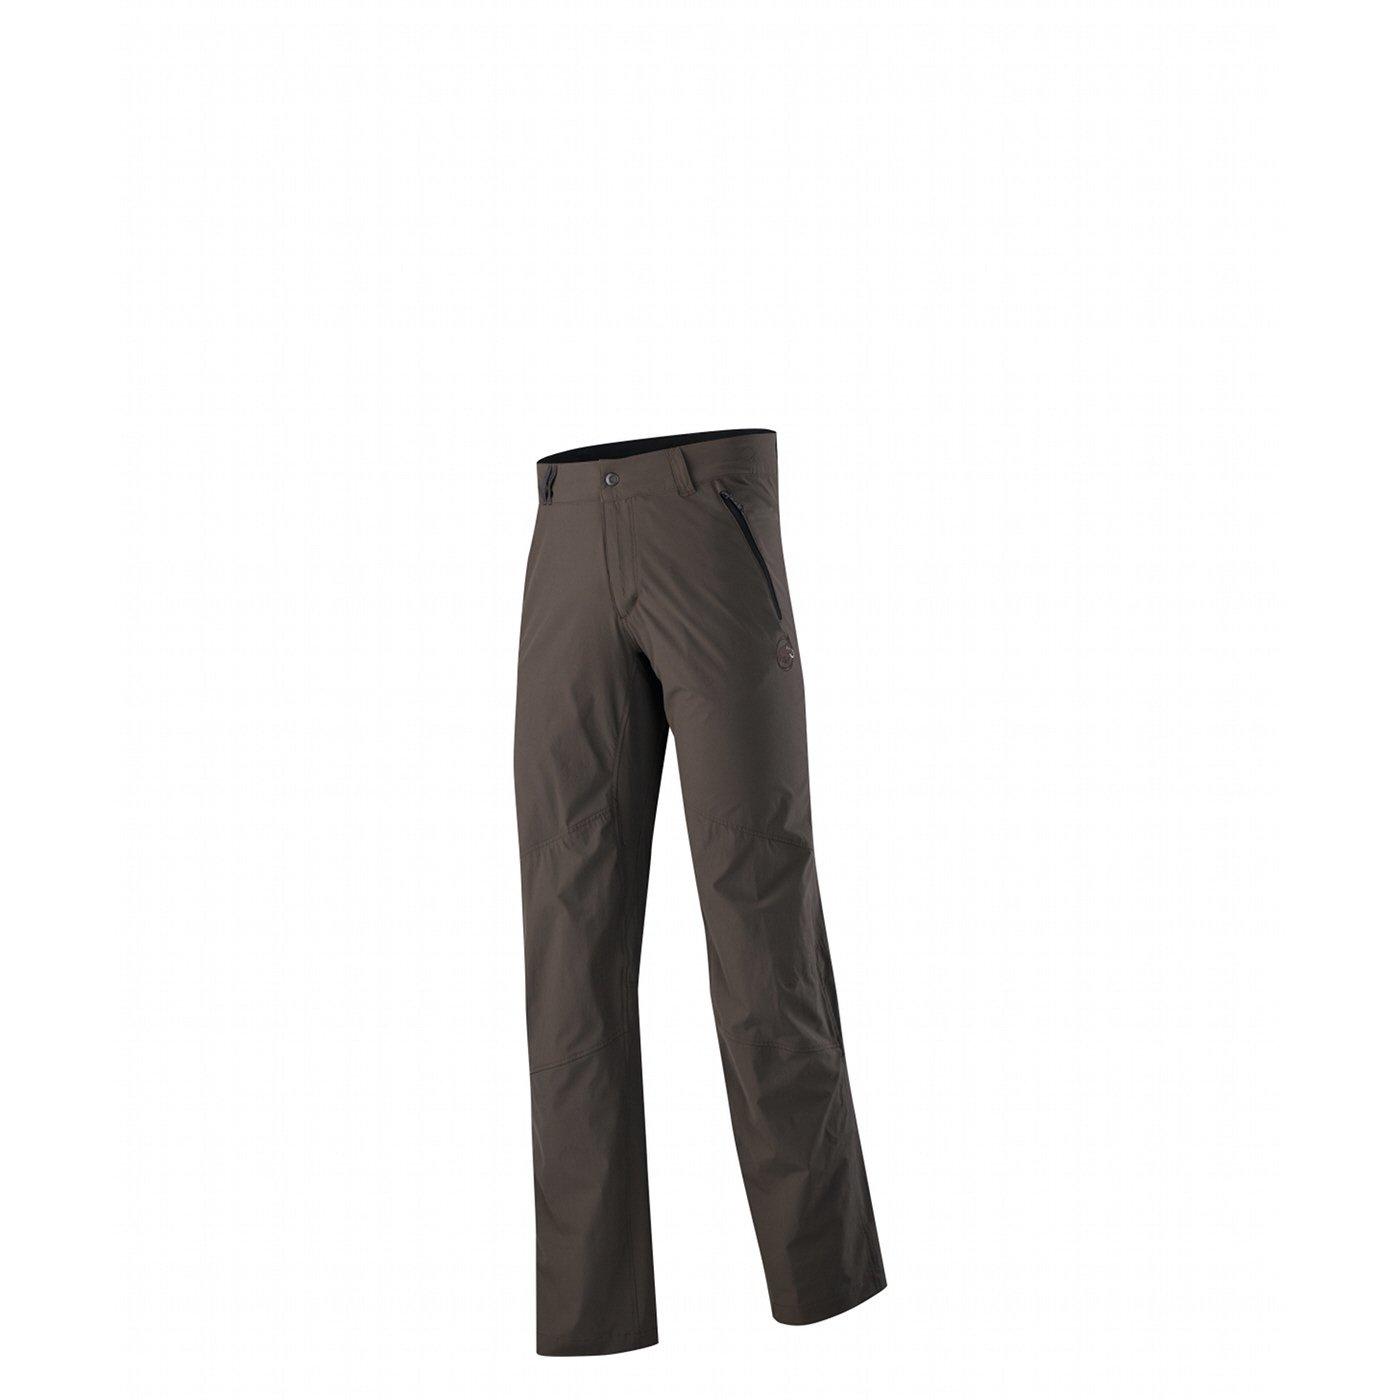 Mammut, 1020-06810, MAMMUT RUNBOLD Pants, braun 7173 dark oak